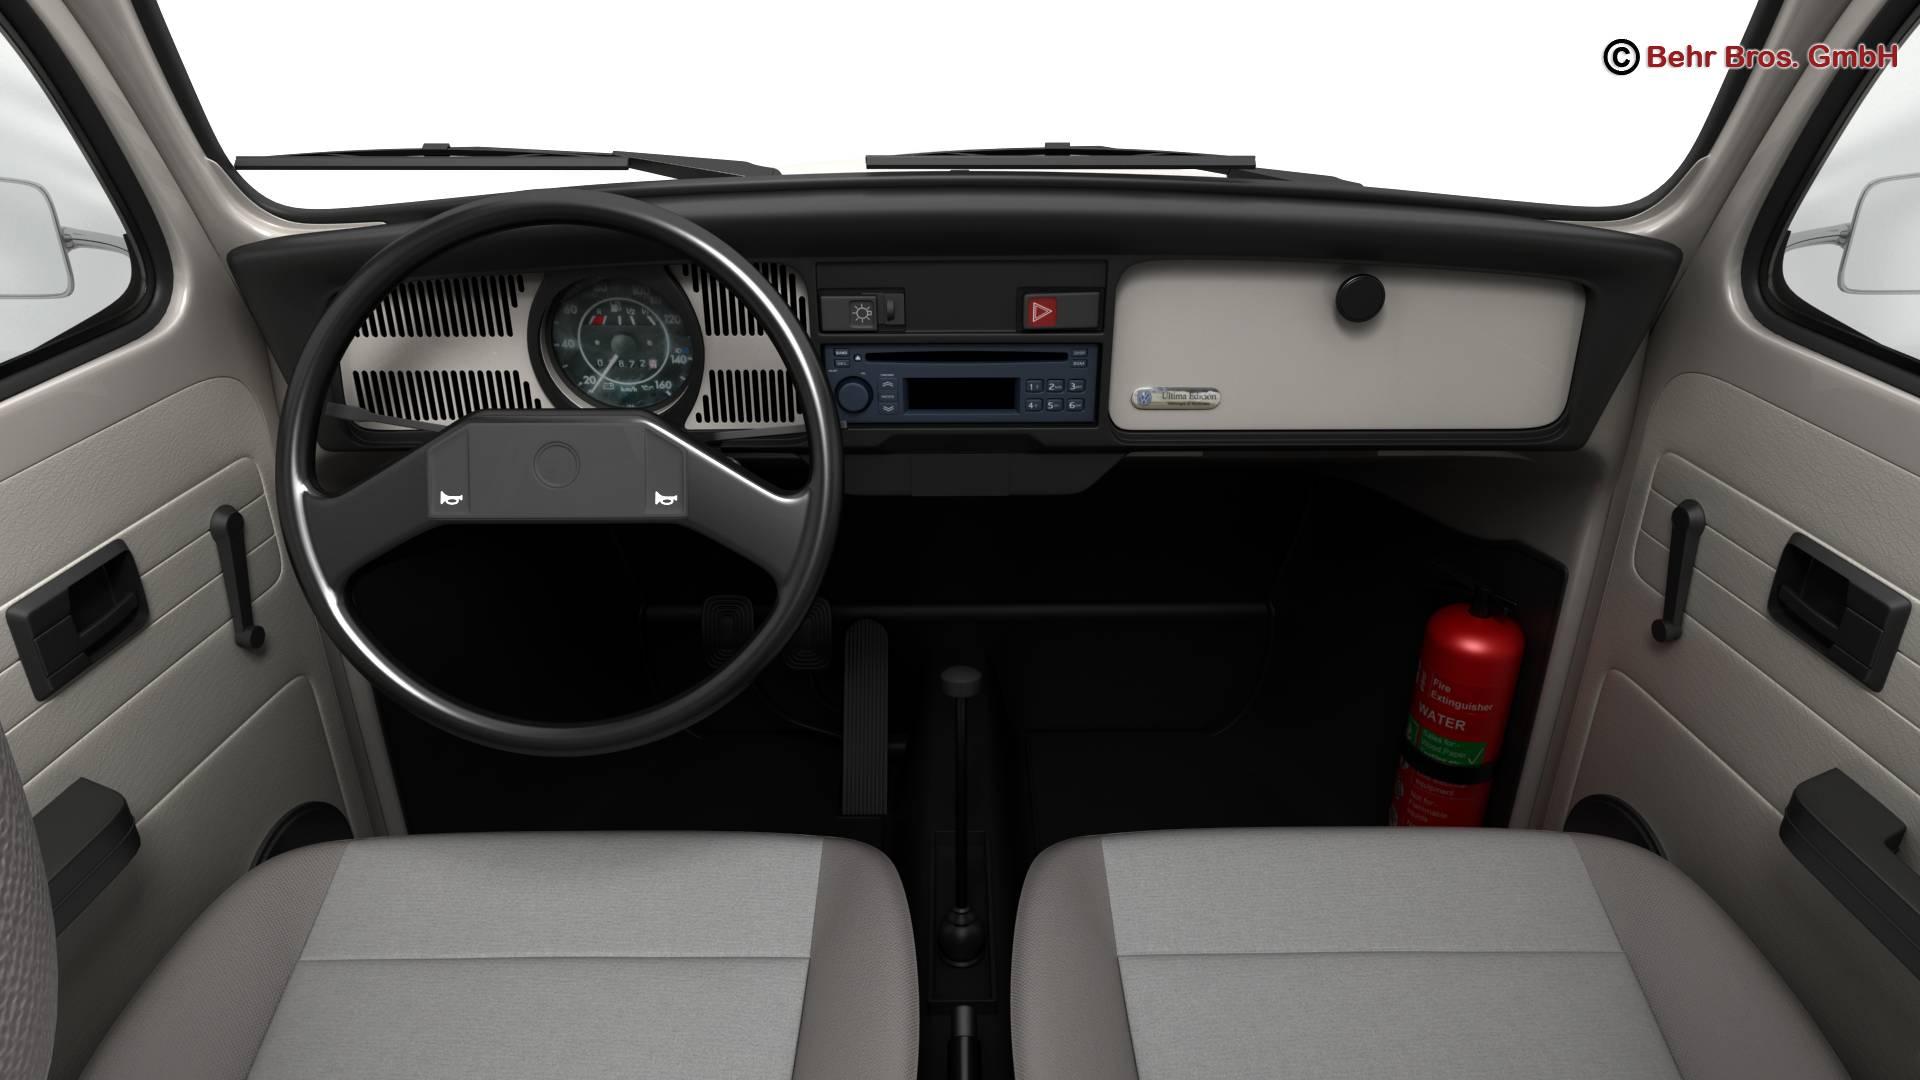 volkswagen beetle 2003 ultima edicion 3d model 3ds max fbx c4d lwo ma mb obj 220890